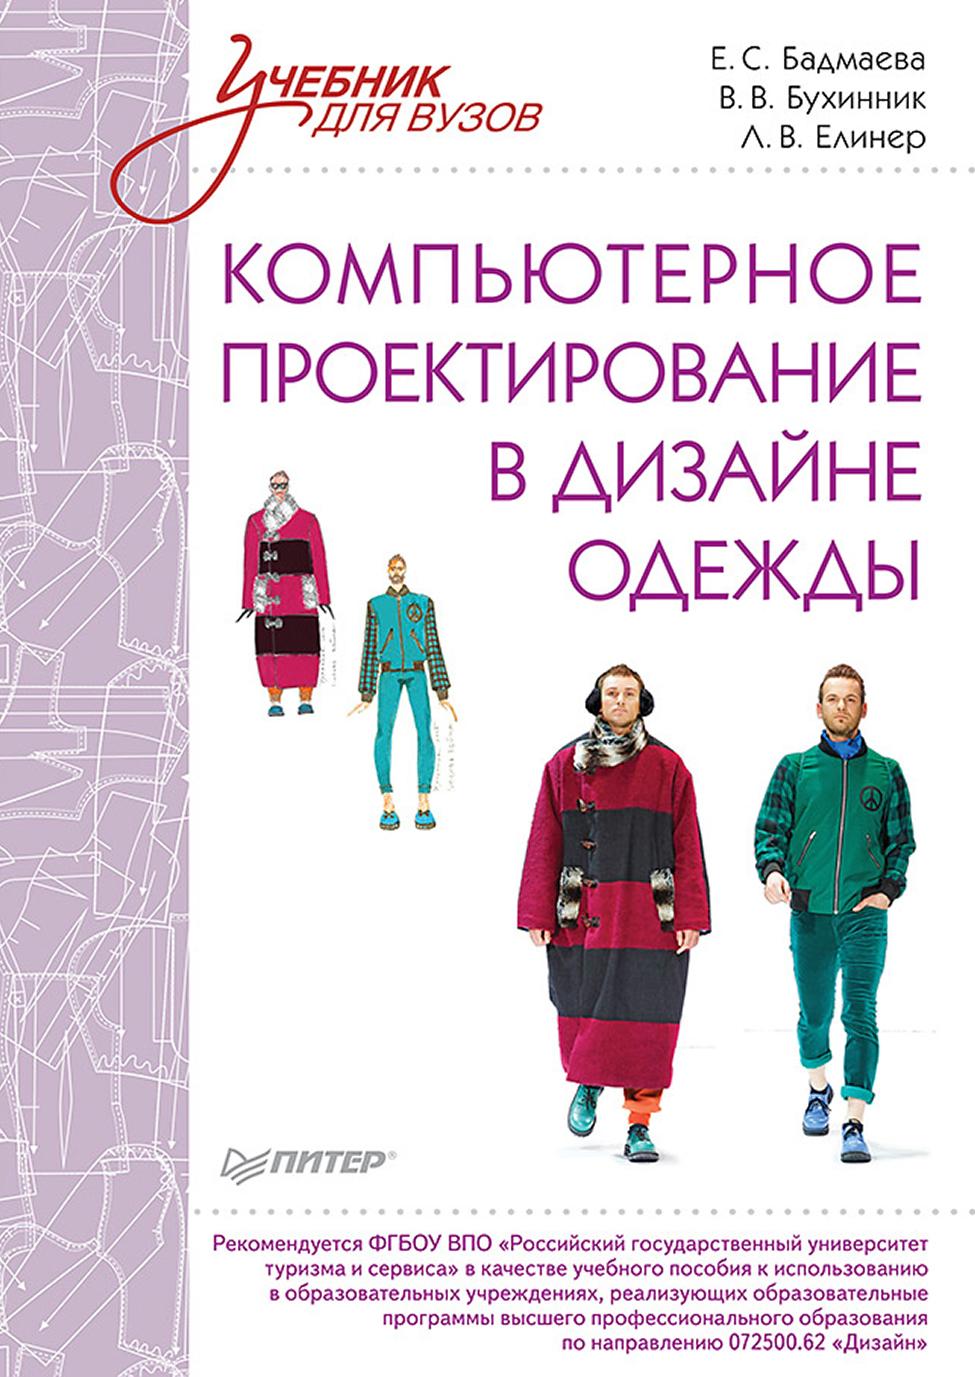 Е. С. Бадмаева Компьютерное проектирование в дизайне одежды бадмаева е бухинник в елинер л компьютерное проектирование в дизайне одежды учебник